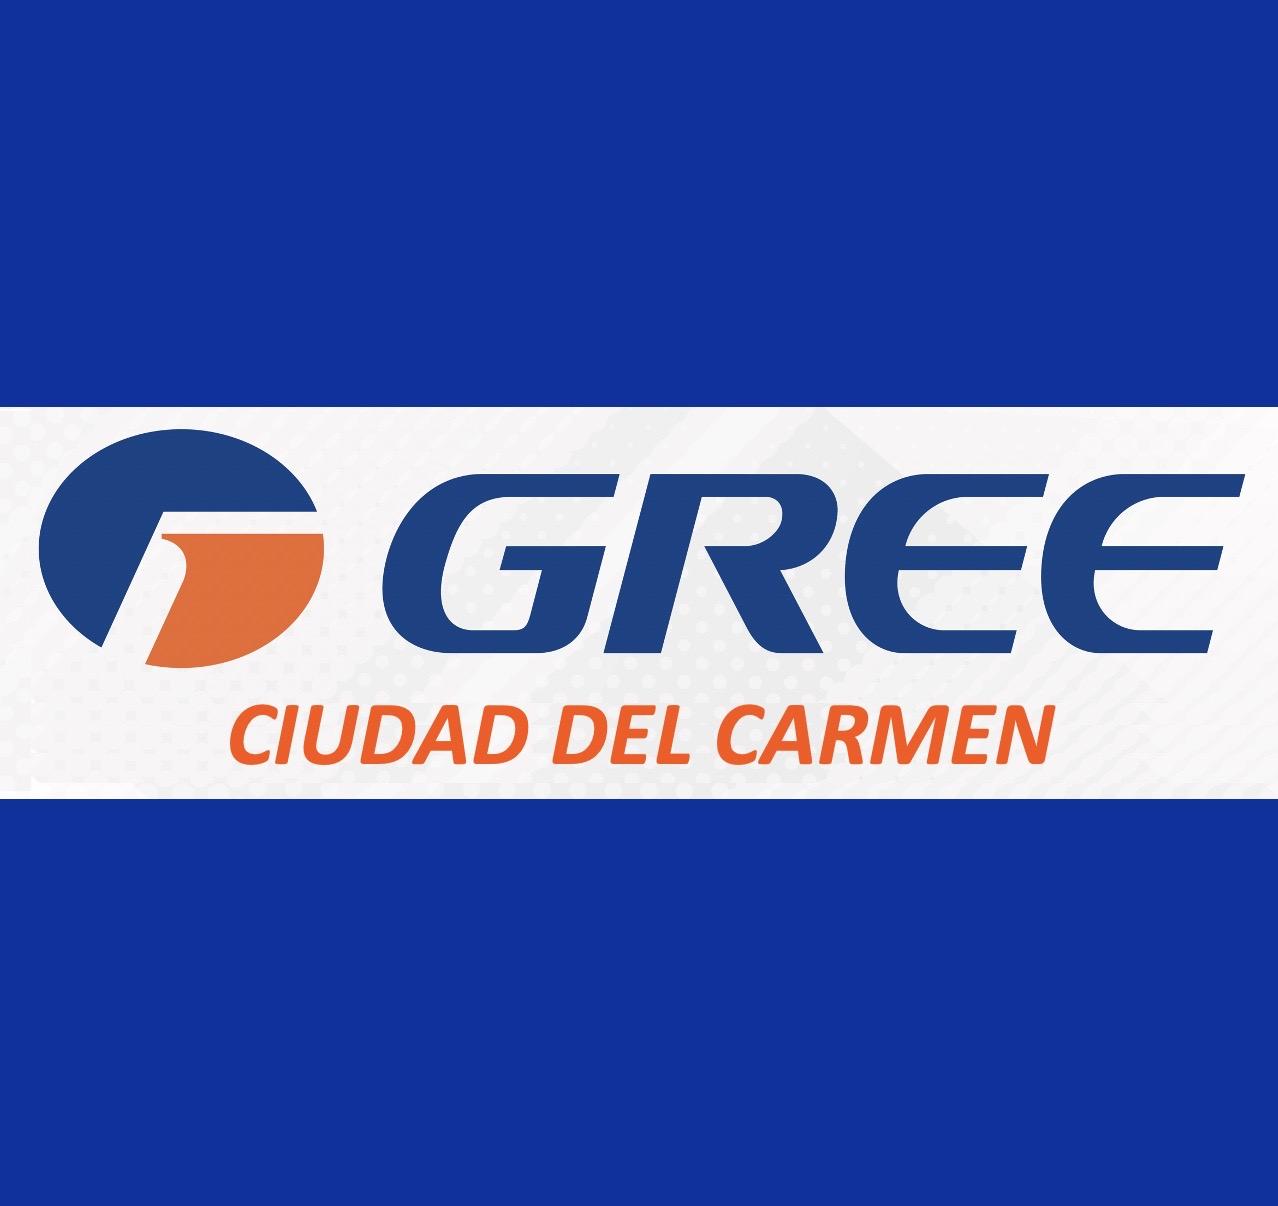 Gree Ciudad del Carmen